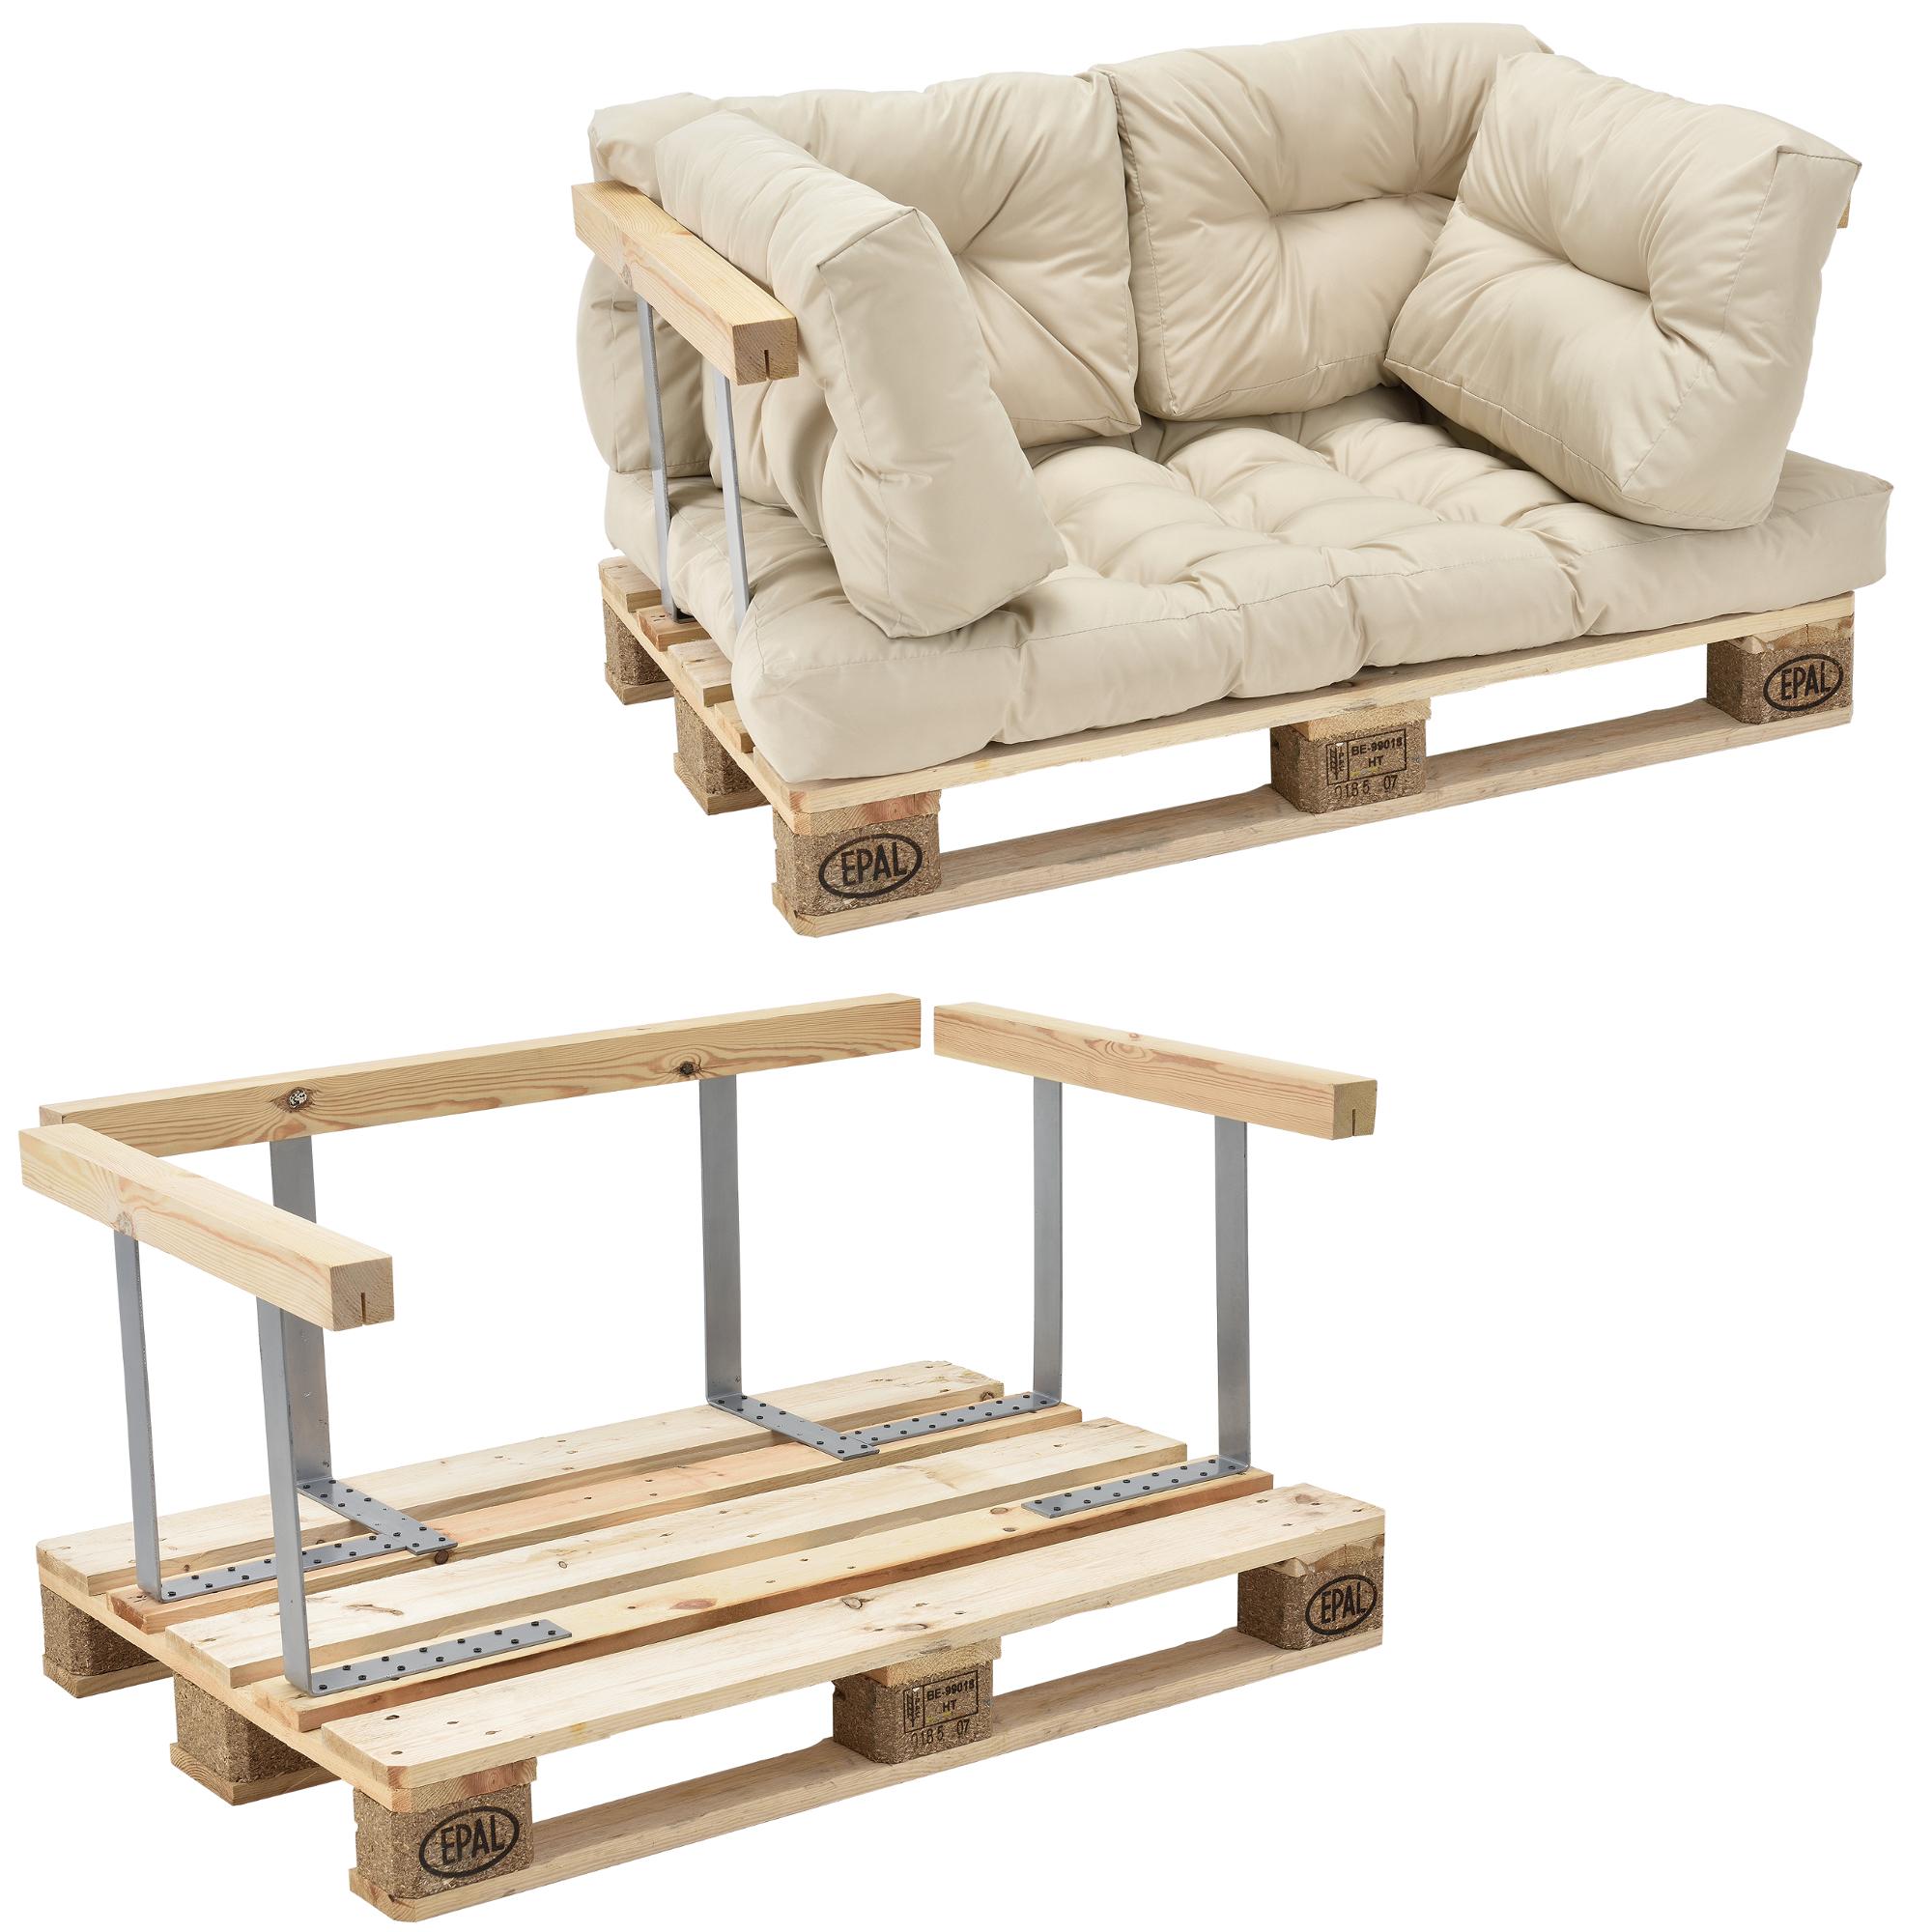 euro palettes canap coussin beige accoudoir 2 places rembourrage pour ebay. Black Bedroom Furniture Sets. Home Design Ideas